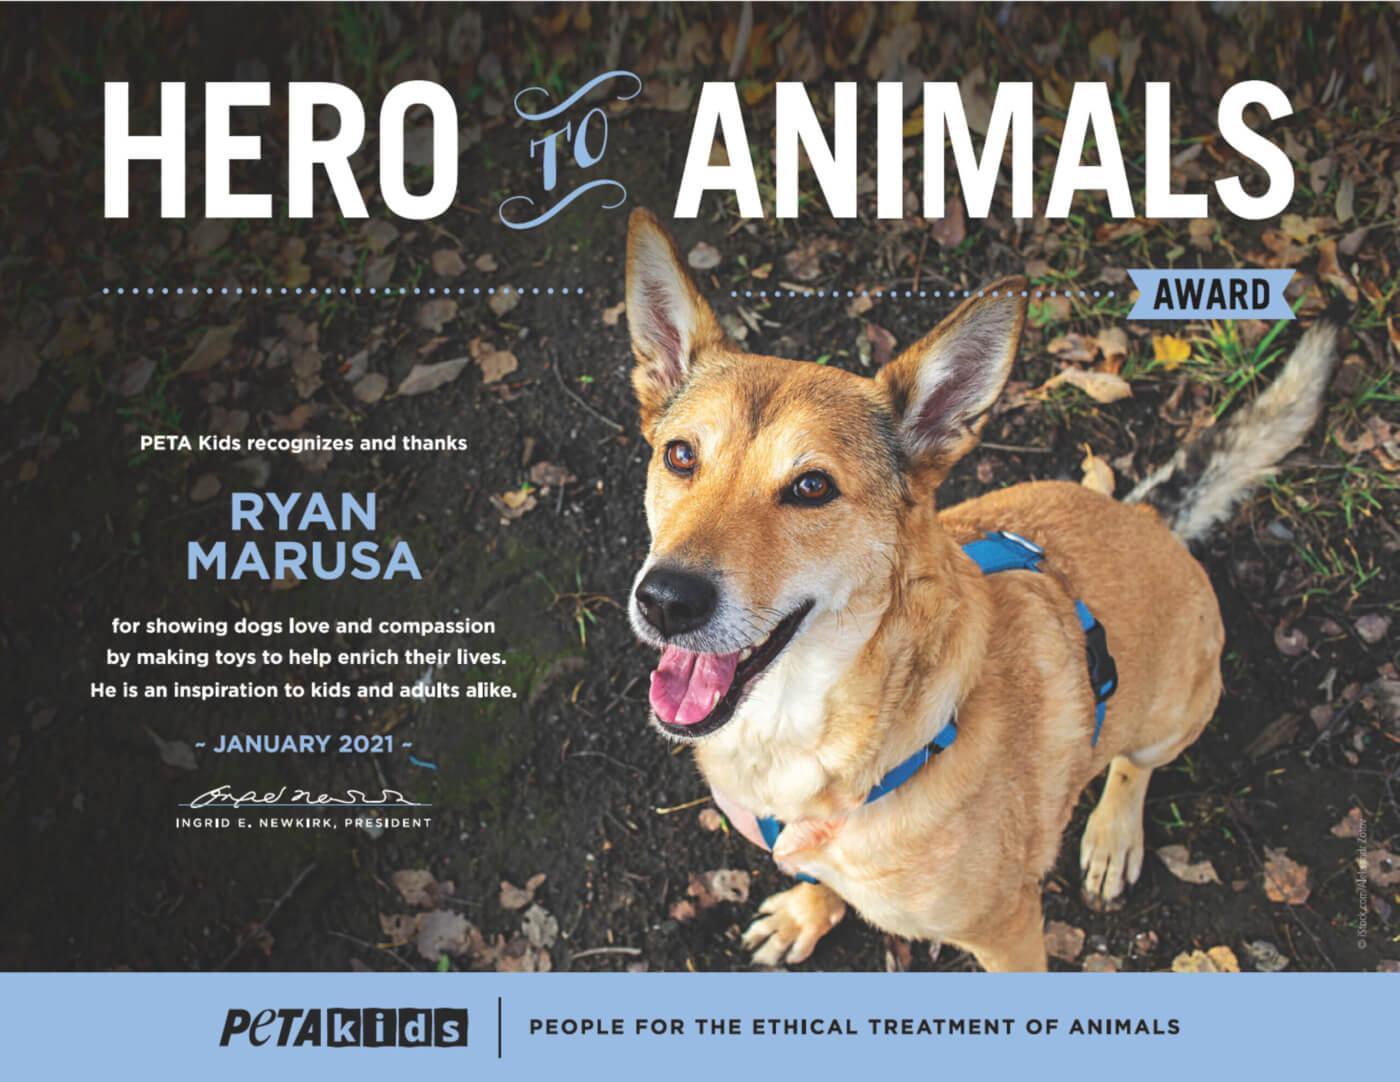 Ryan's 'Hero to Animals' Award